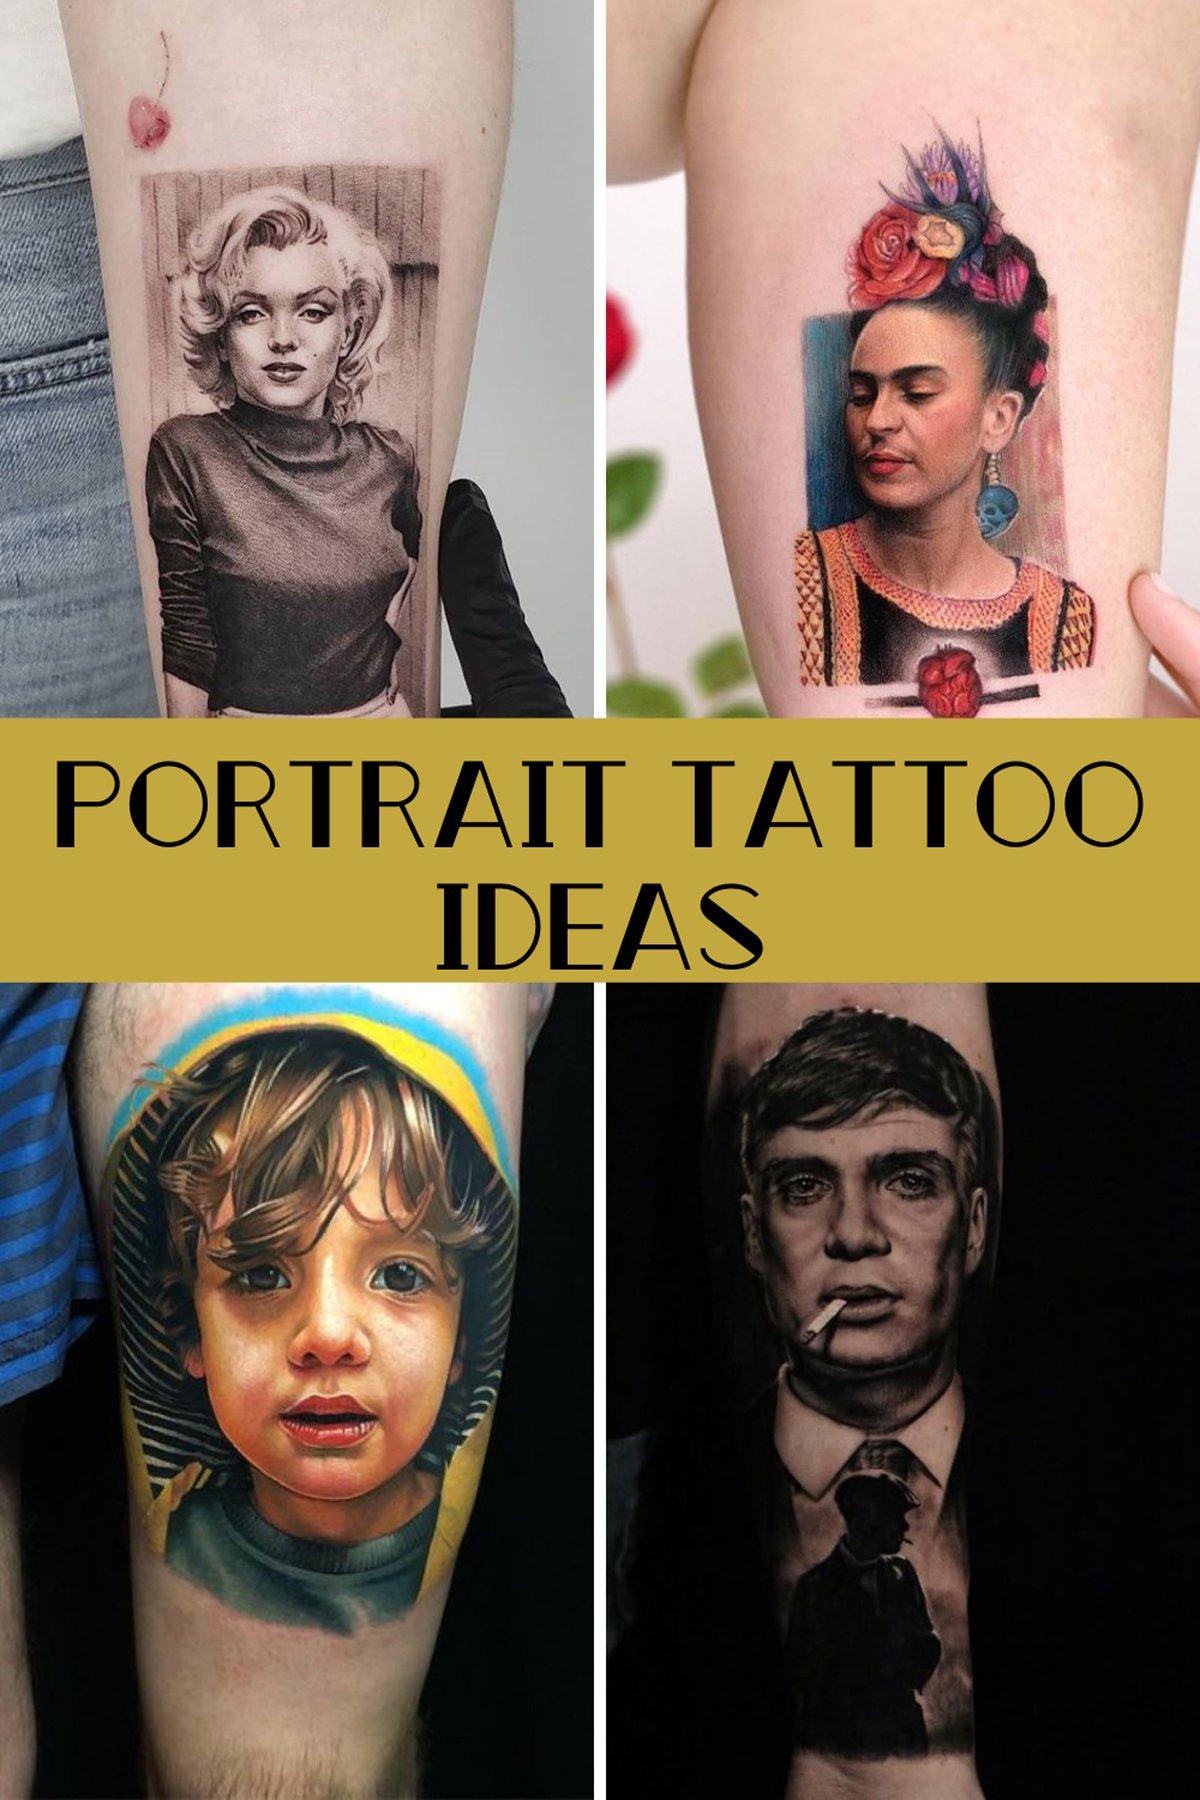 Portrait Tattoo Ideas